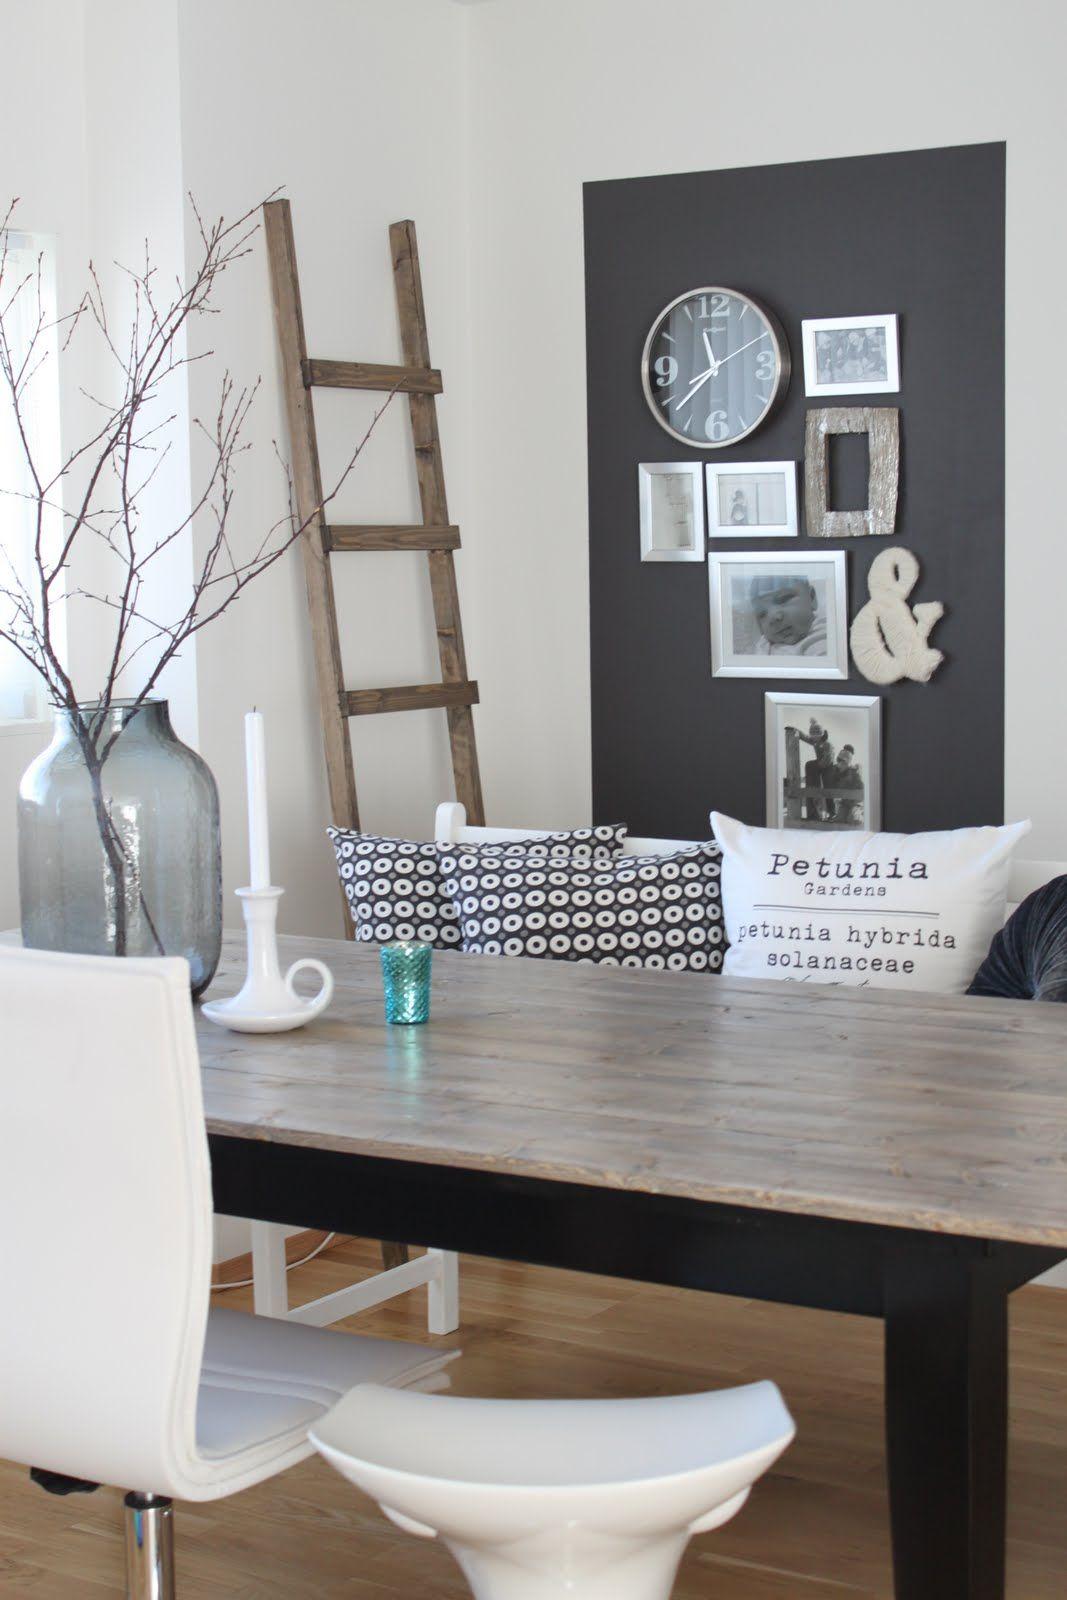 Barstol+til+spisestol.JPG (1067×1600)